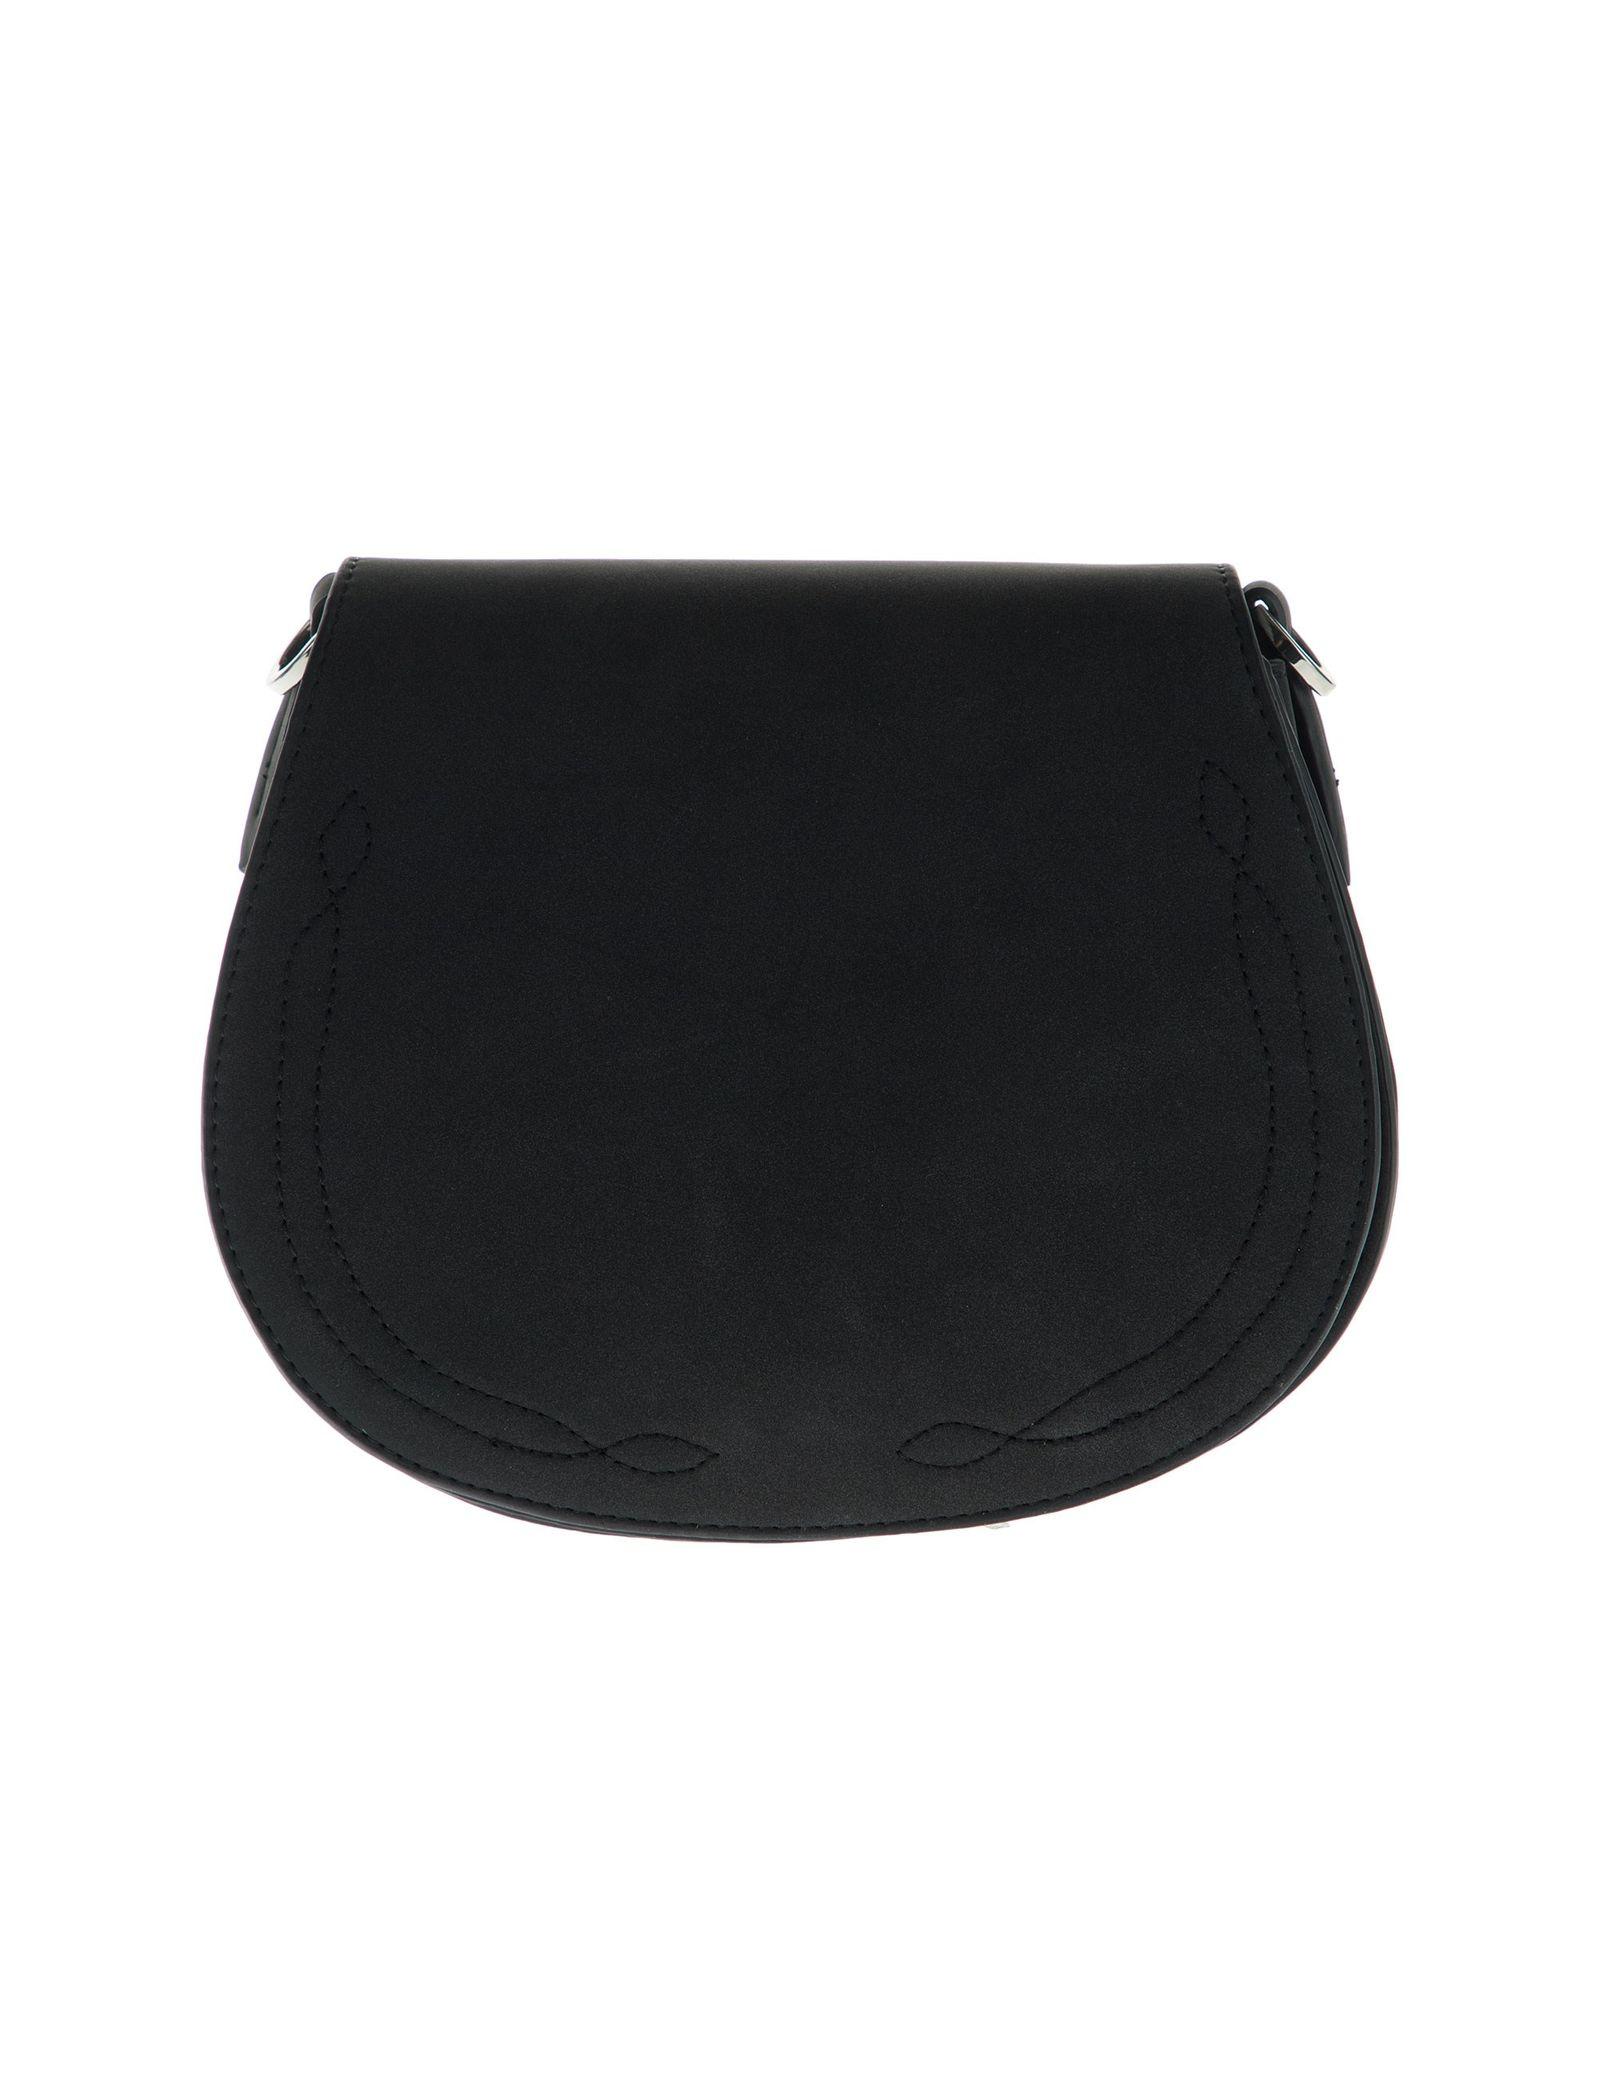 کیف دوشی روزمره زنانه - آبجکت تک سایز - مشکي - 5